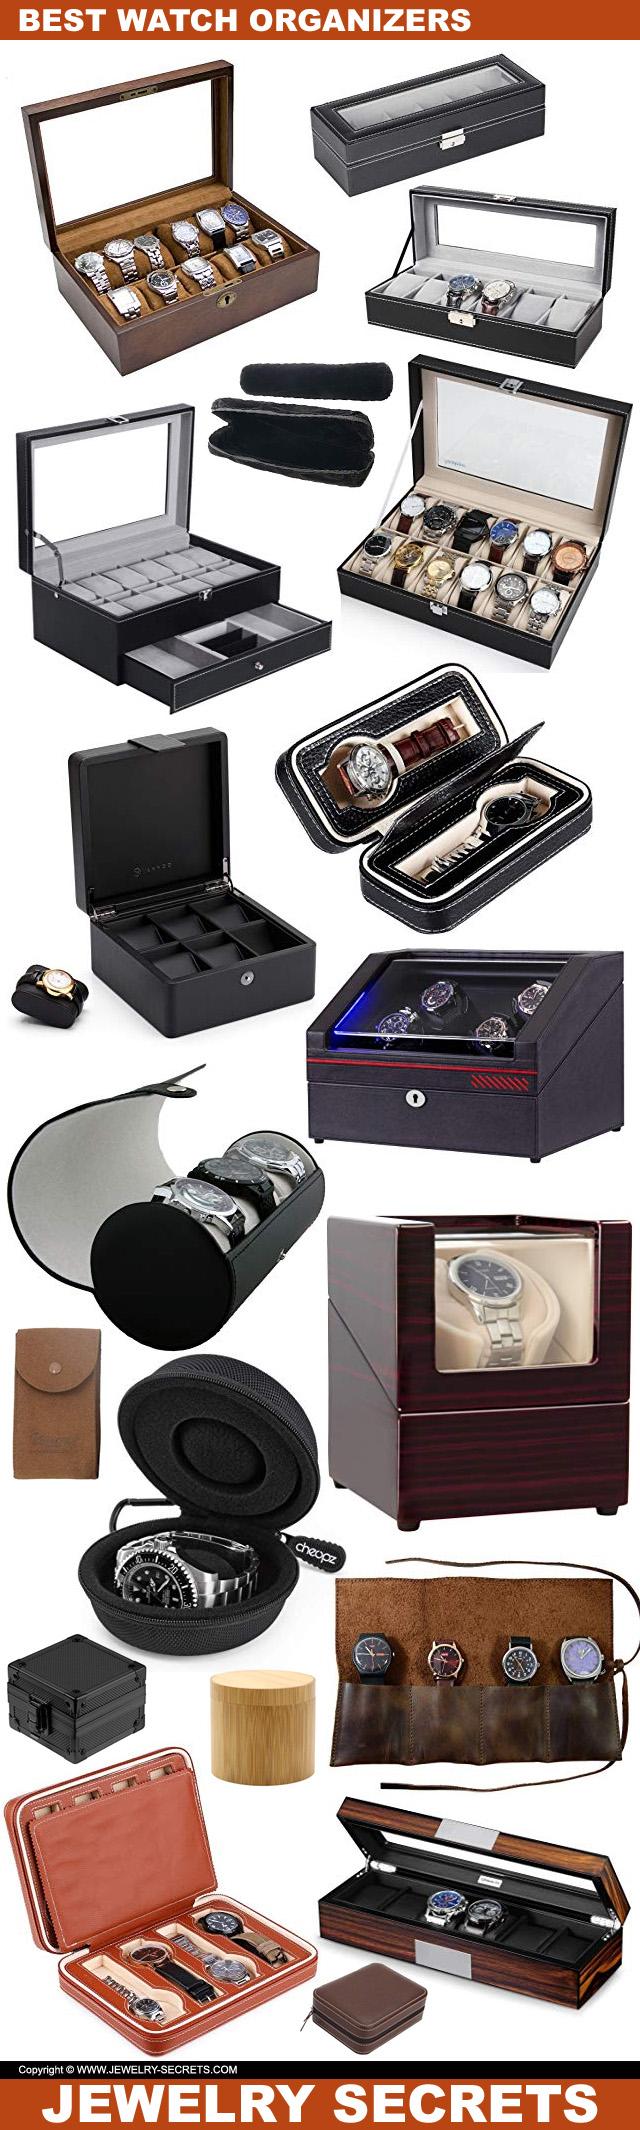 Best Wrist Watch Cases Organizers